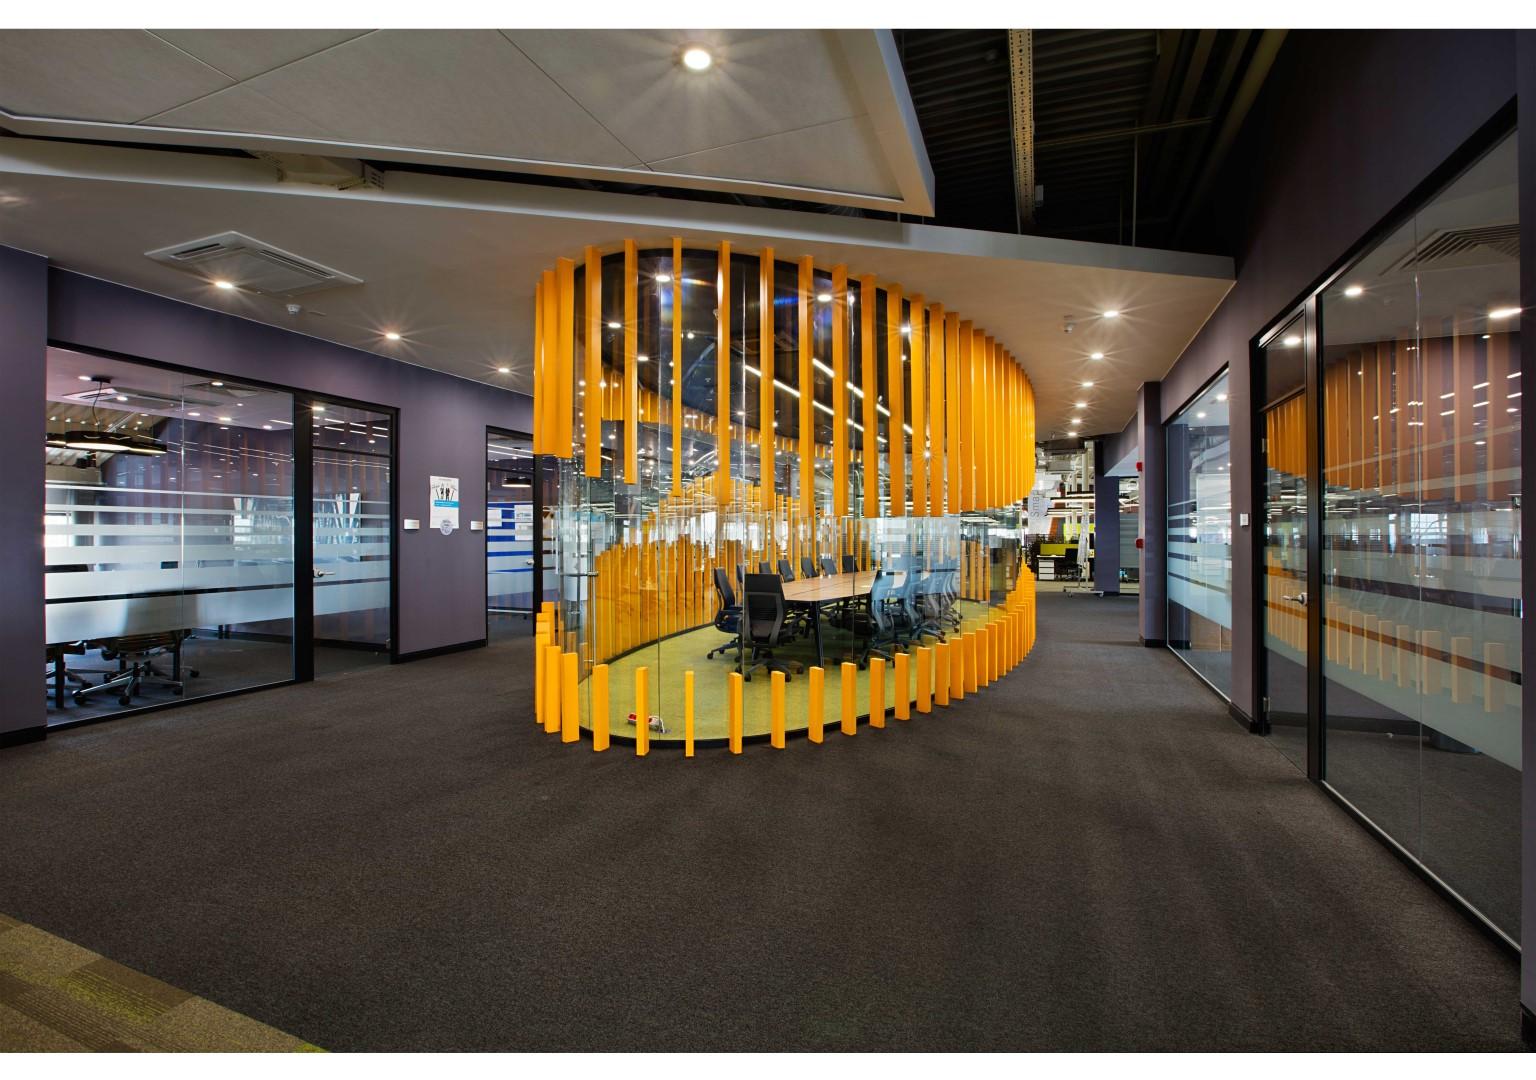 Mercedes Benz Turk IT Service Center Architect Magazine